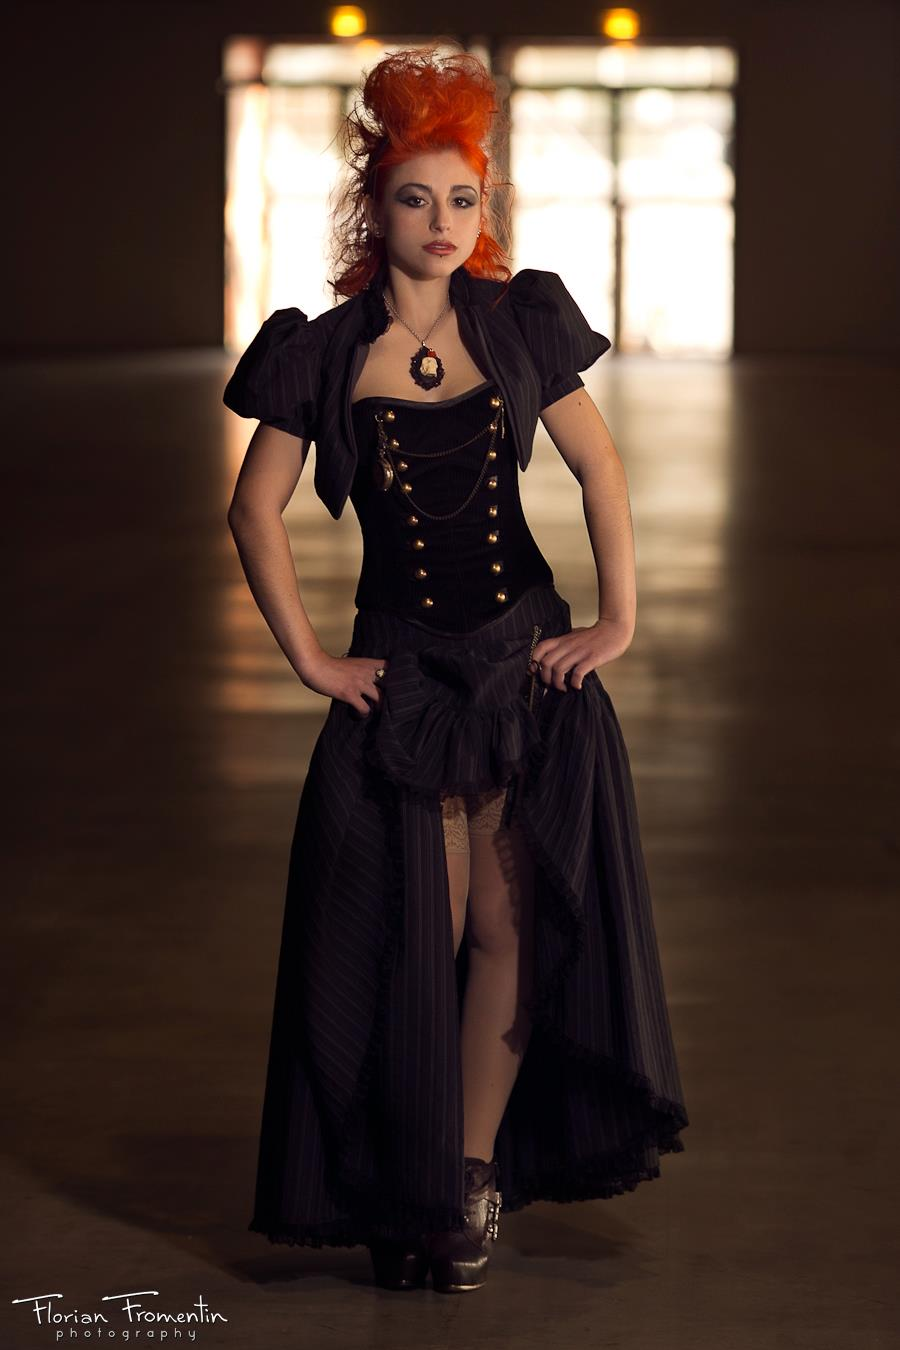 Steampunk Fashion: Steampunk Fashion Show My Oppa By Myoppa-creation On